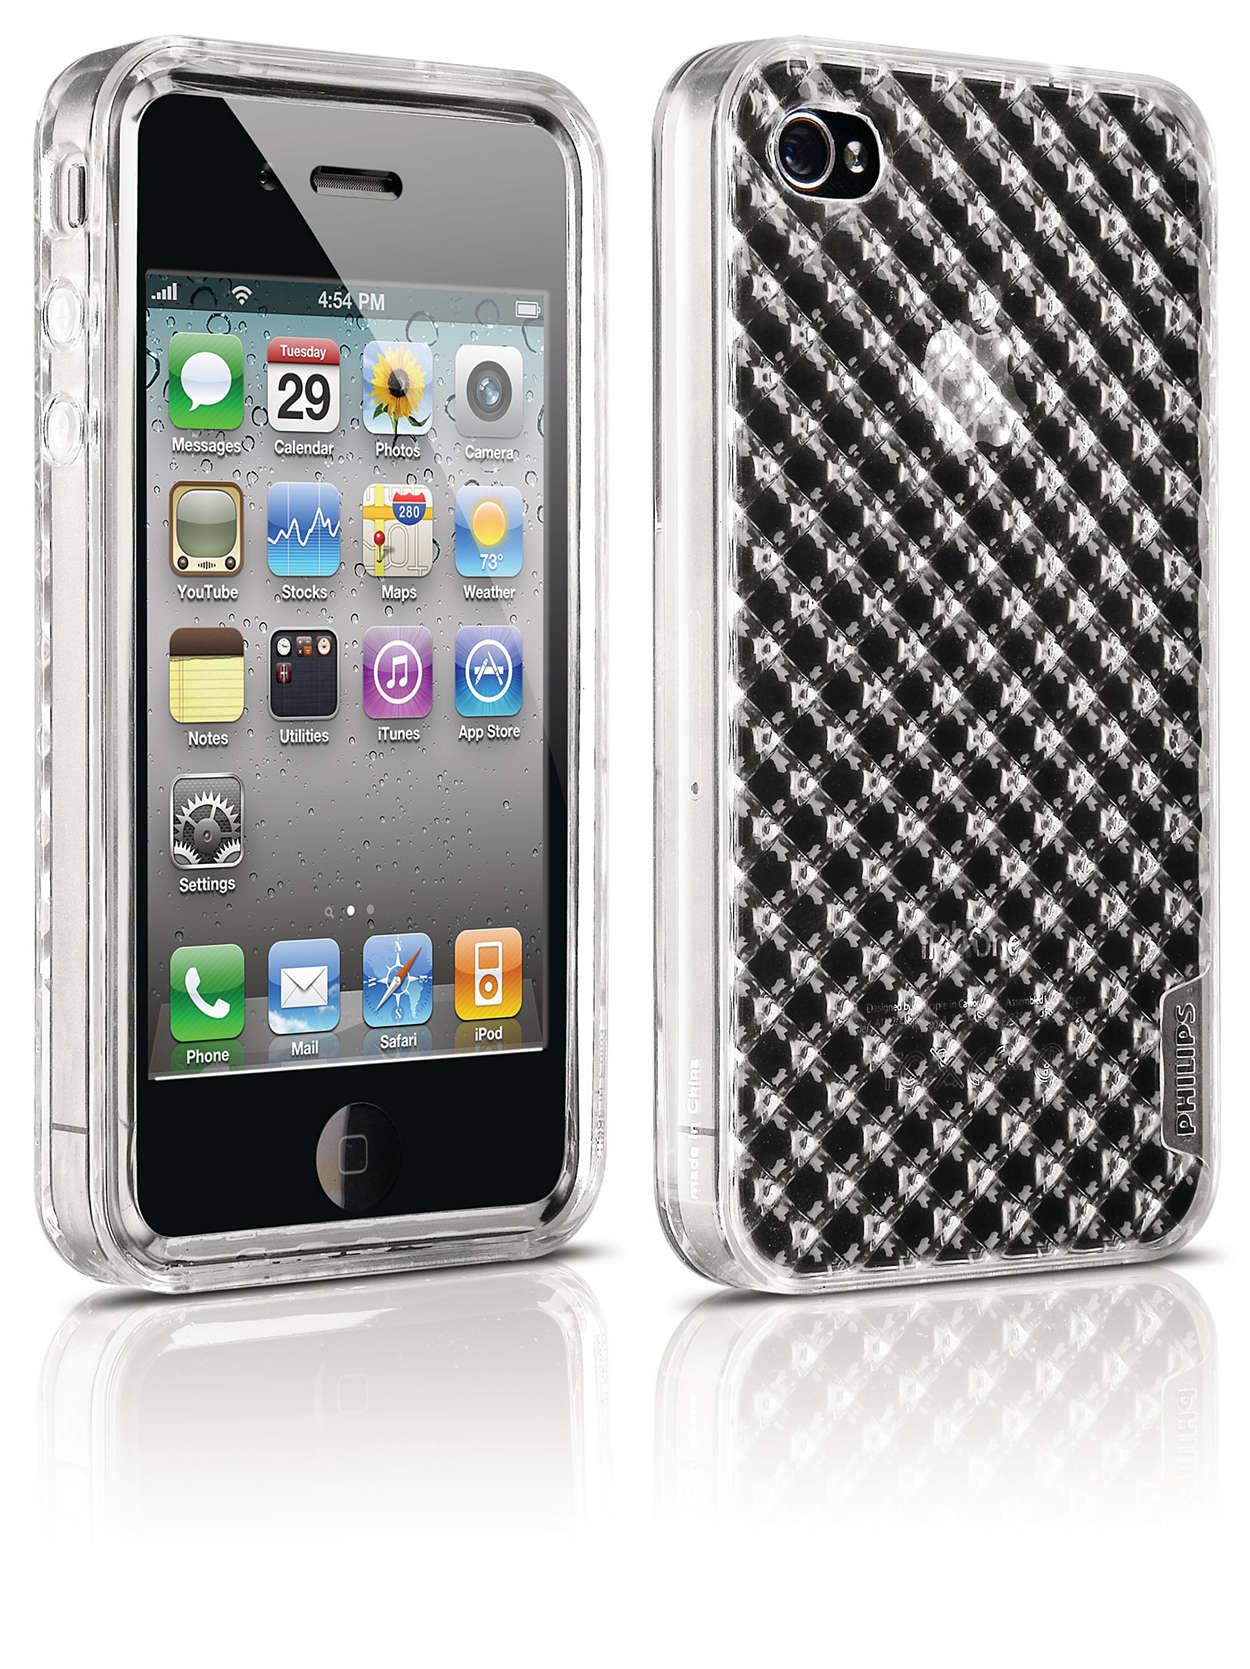 Beskytt iPhone i en fleksibel veske